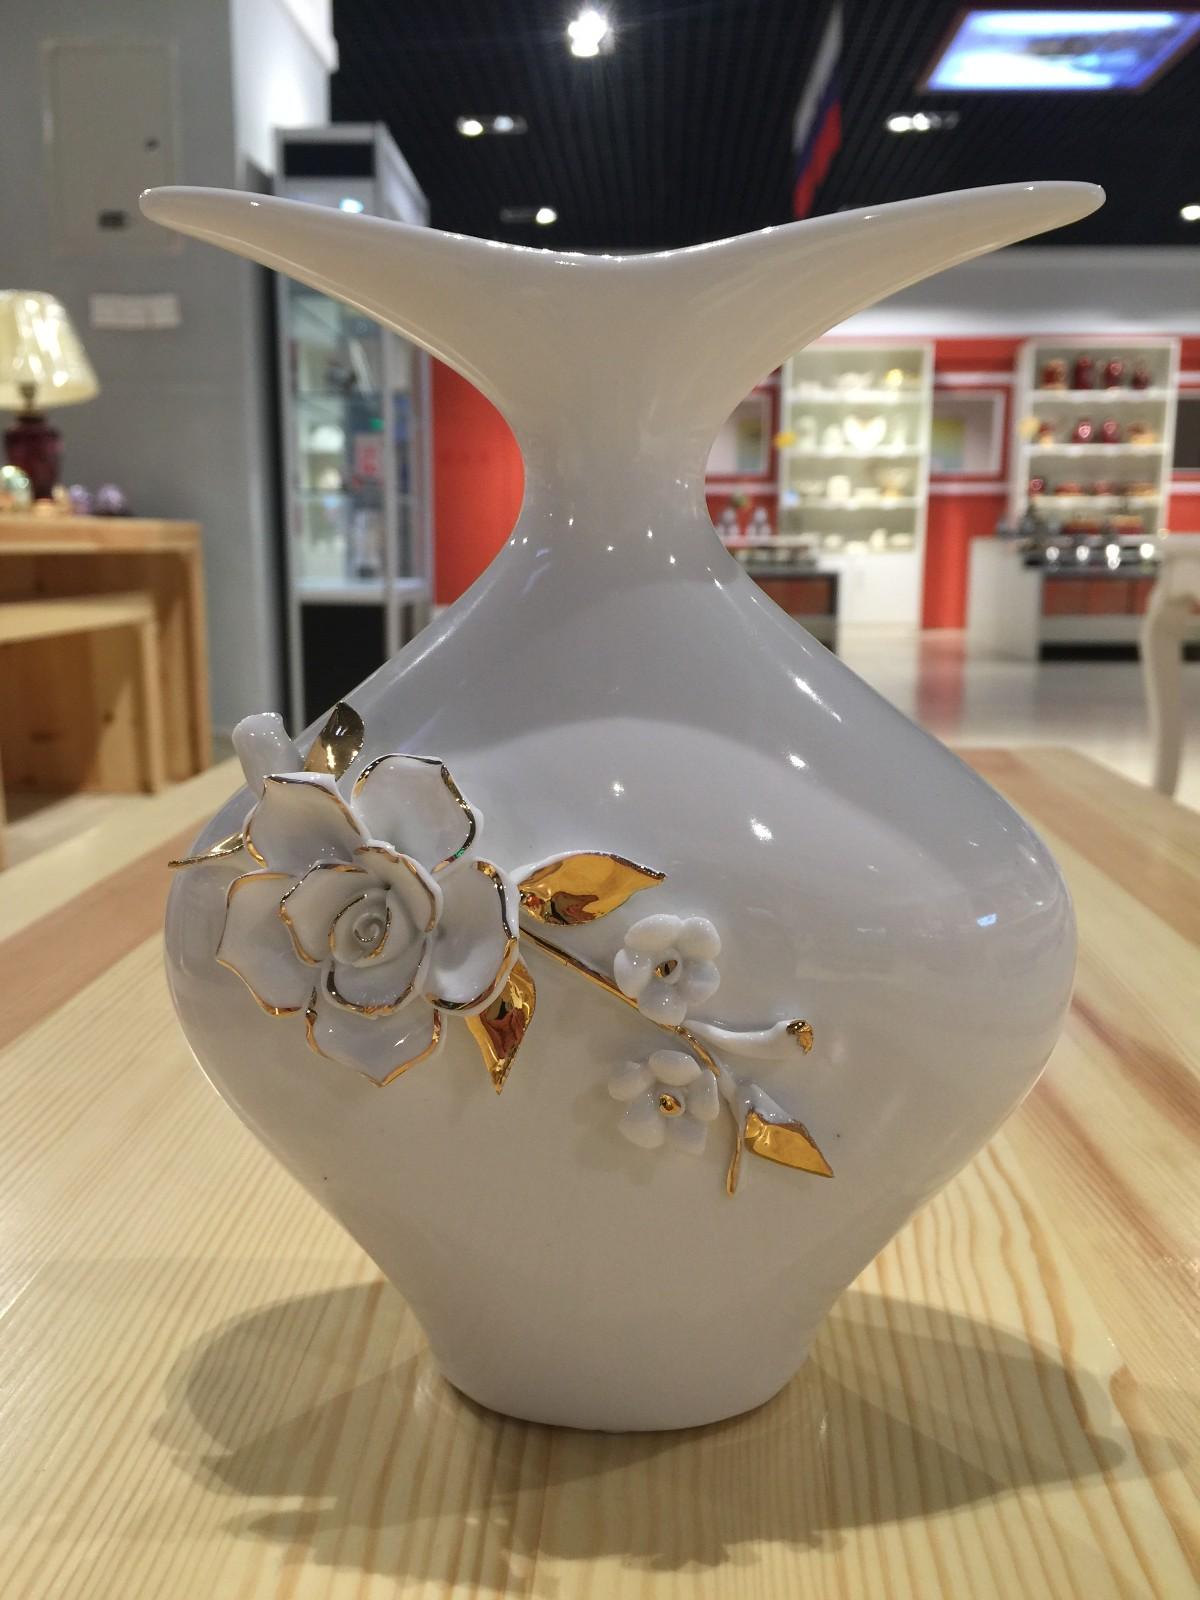 俄罗斯陶瓷工艺品 艺术花瓶图片一